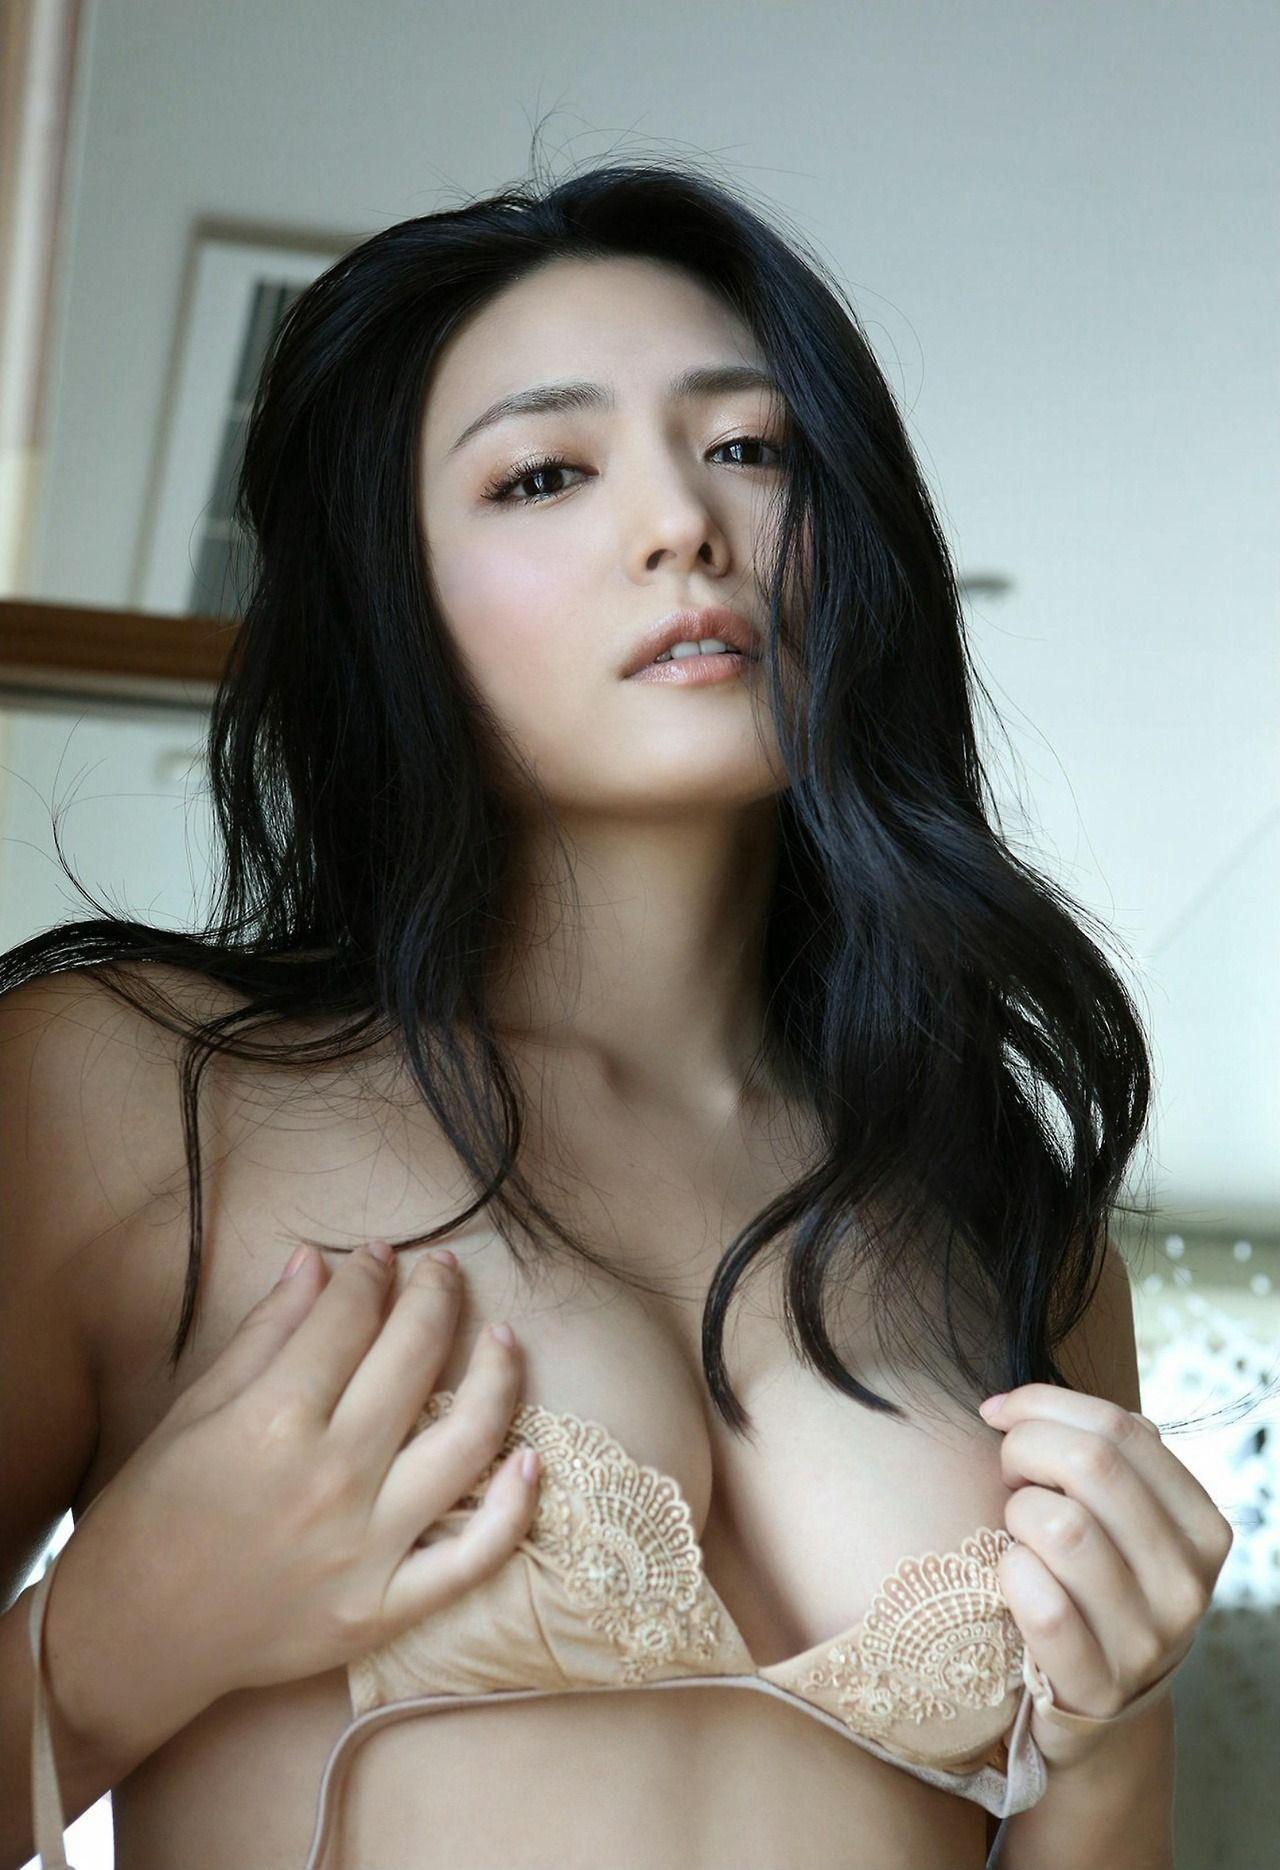 yukie kawamura  u5ddd u6751 u3086 u304d u3048